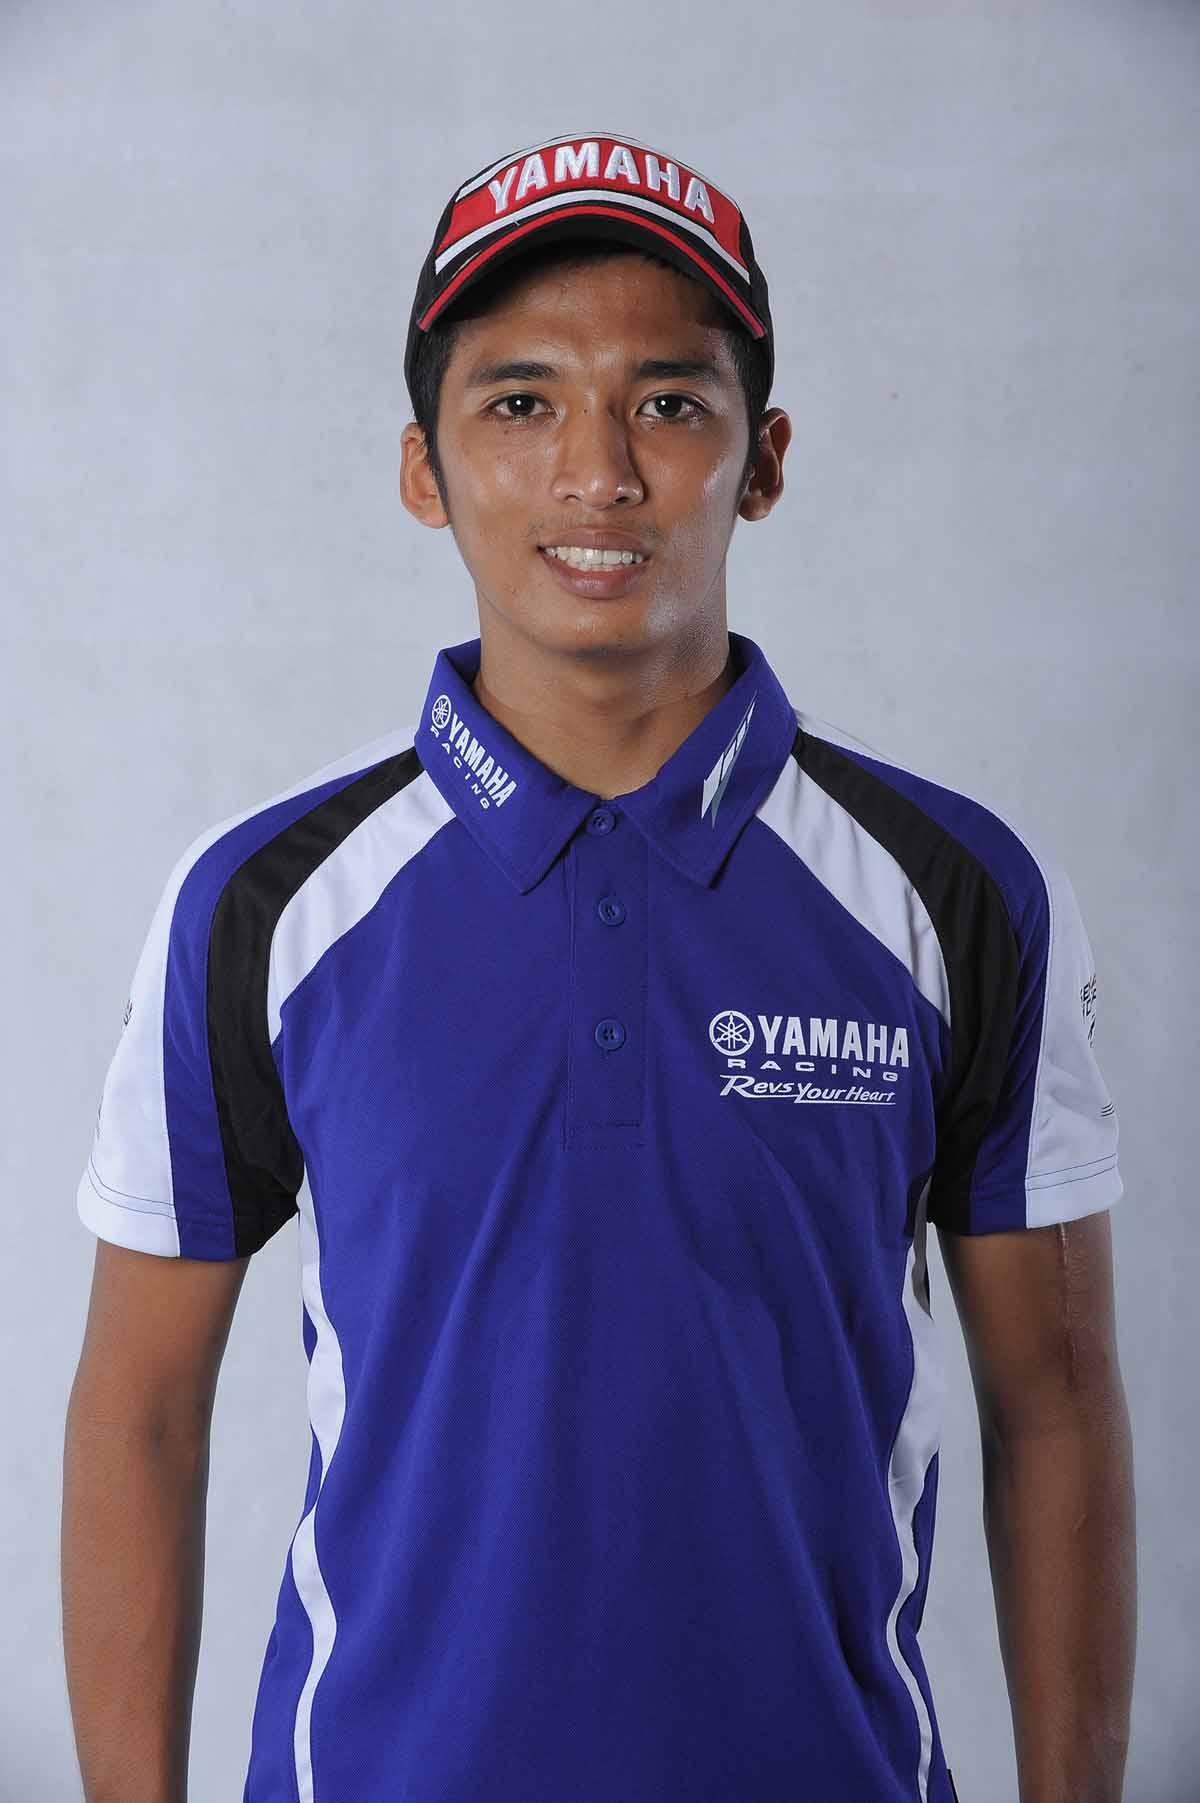 Pelumba pasukan Hong Leong Yamaha; Ahmad Afif Amran